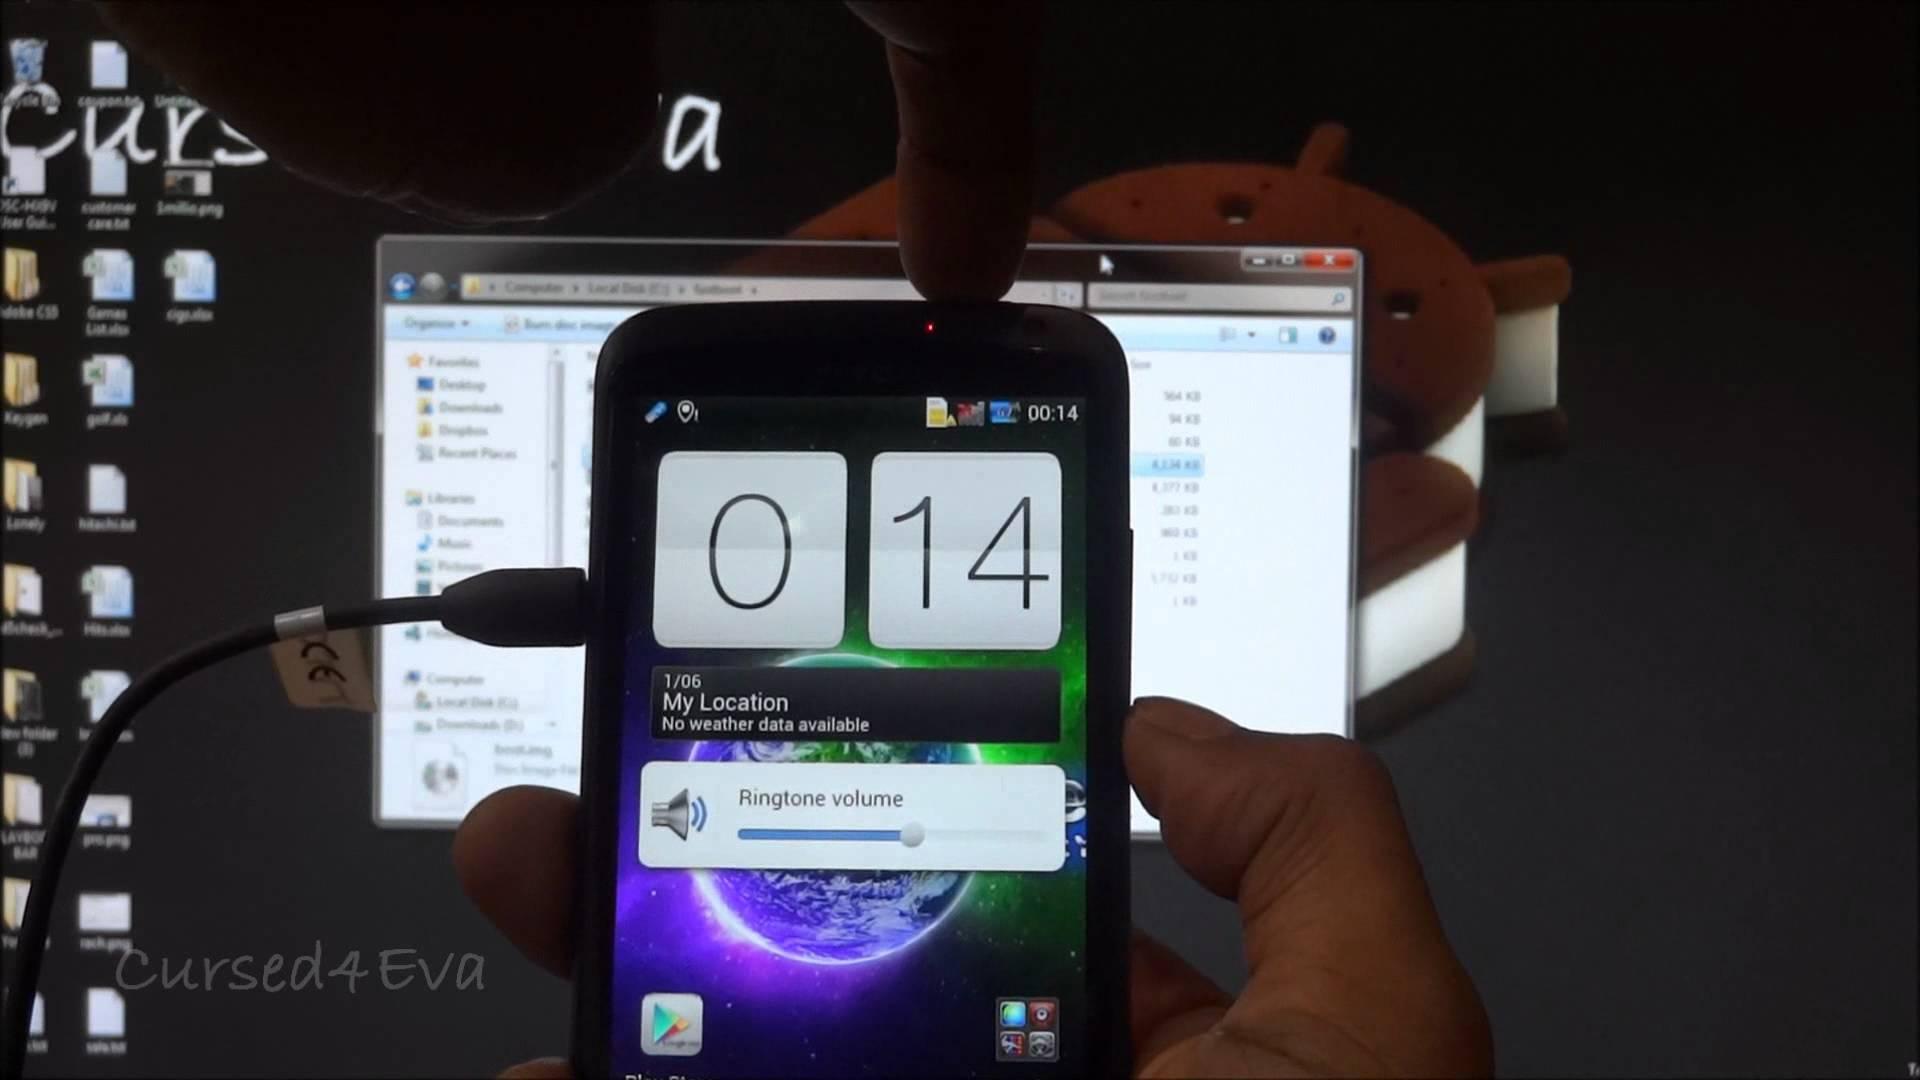 [ROM] 1Xream Sandwich 1.1 | MrMaddon 2.4 bringt euch den Samsung Galaxy S3-Look mit TouchWiz 5 auf das HTC One X